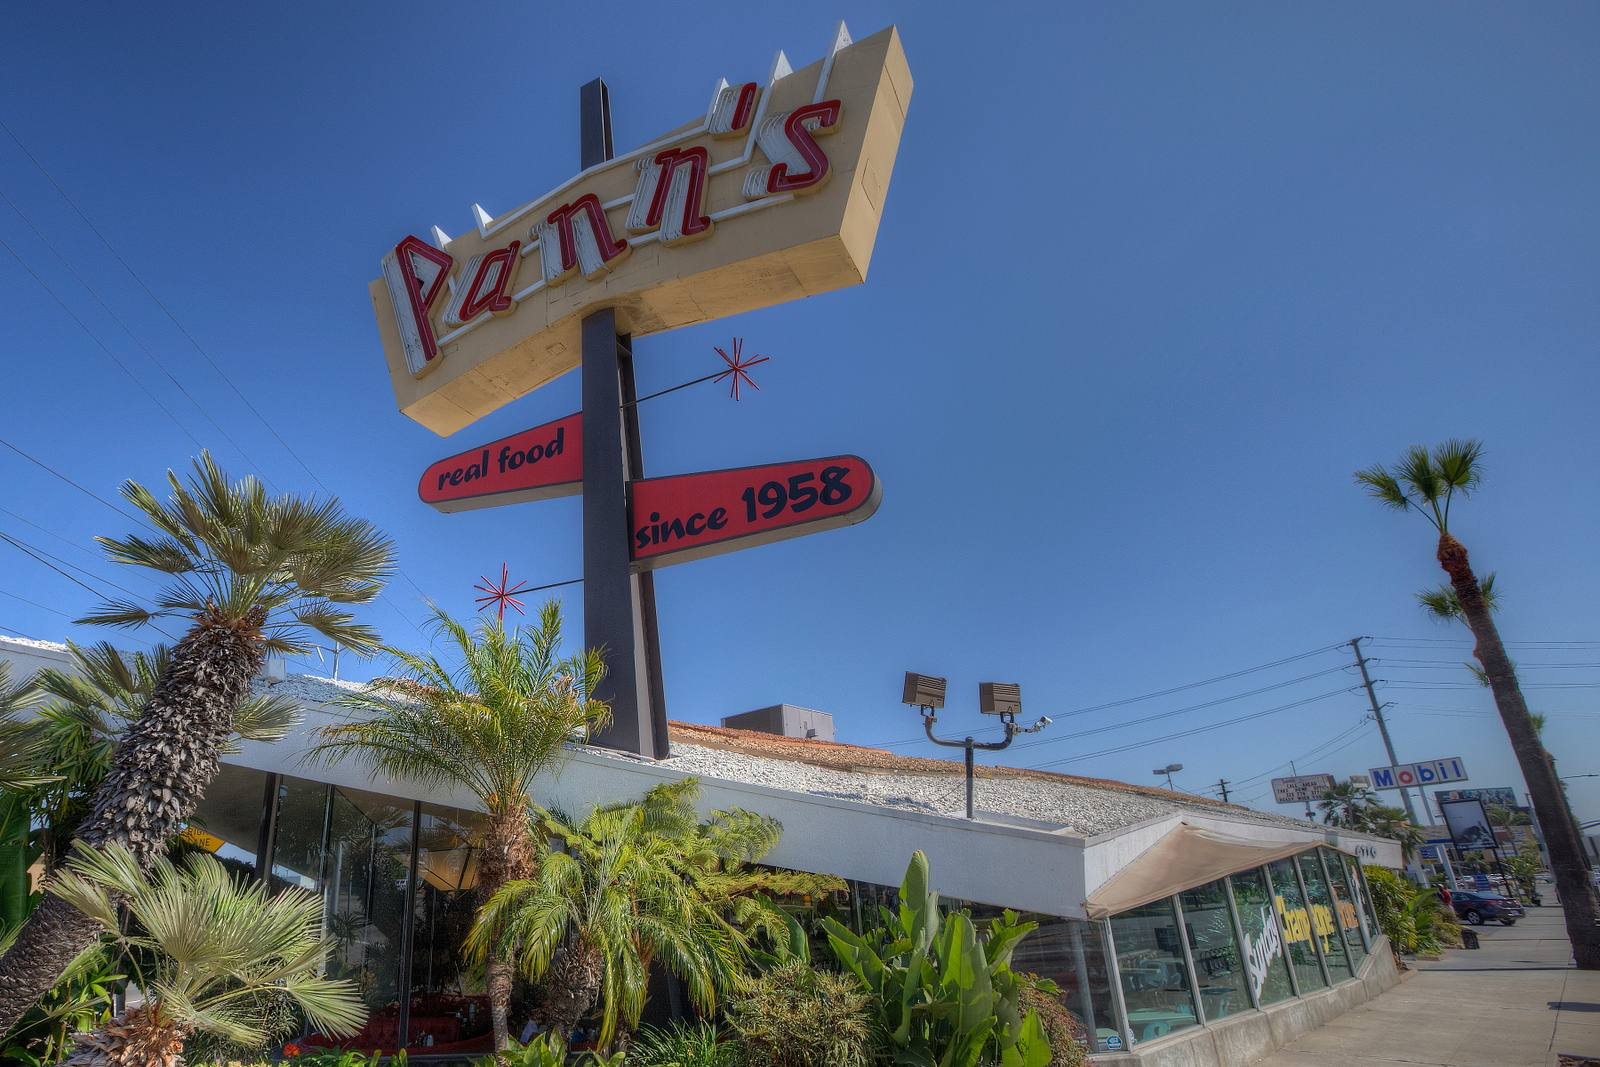 Pann's Restaurant exterior